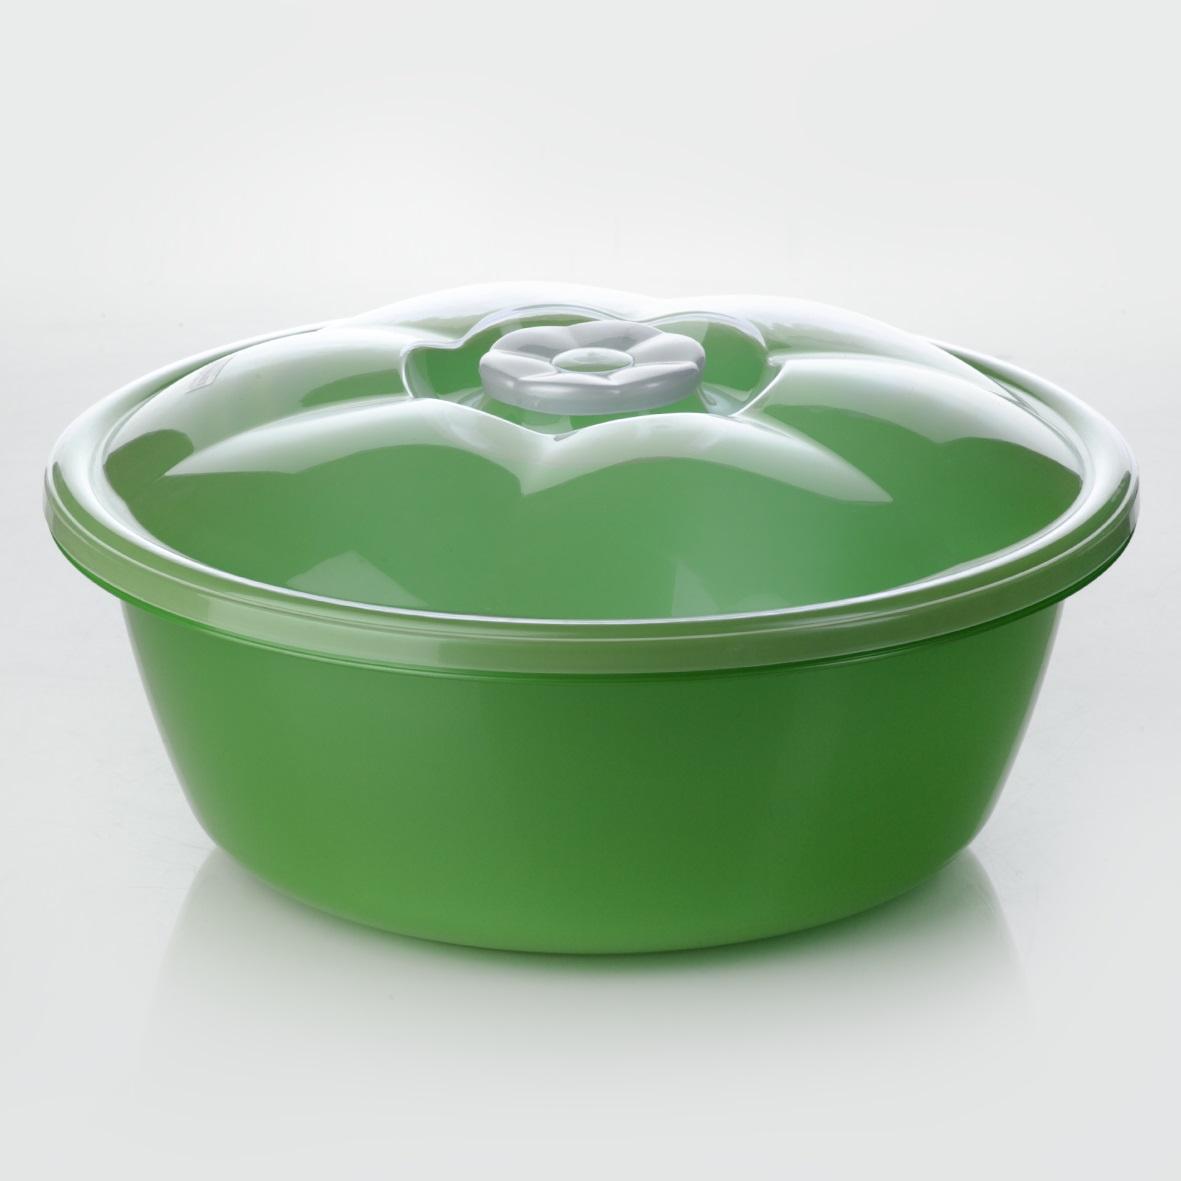 Миска Dunya Plastik, с крышкой, 4,5 л, цвет: салатовый-10424-Миска Dunya Plastik изготовлена из прозрачного пластика, имеет круглую форму. Оснащена крышкой. Такая миска прекрасно подойдет для хранения различных бытовых предметов, пищевых продуктов и другое. Объем: 4,5 л. УВАЖАЕМЫЕ КЛИЕНТЫ! Обращаем ваше внимание на ассортимент в цветовом дизайне товара. Поставка осуществляется в зависимости от наличия на складе.